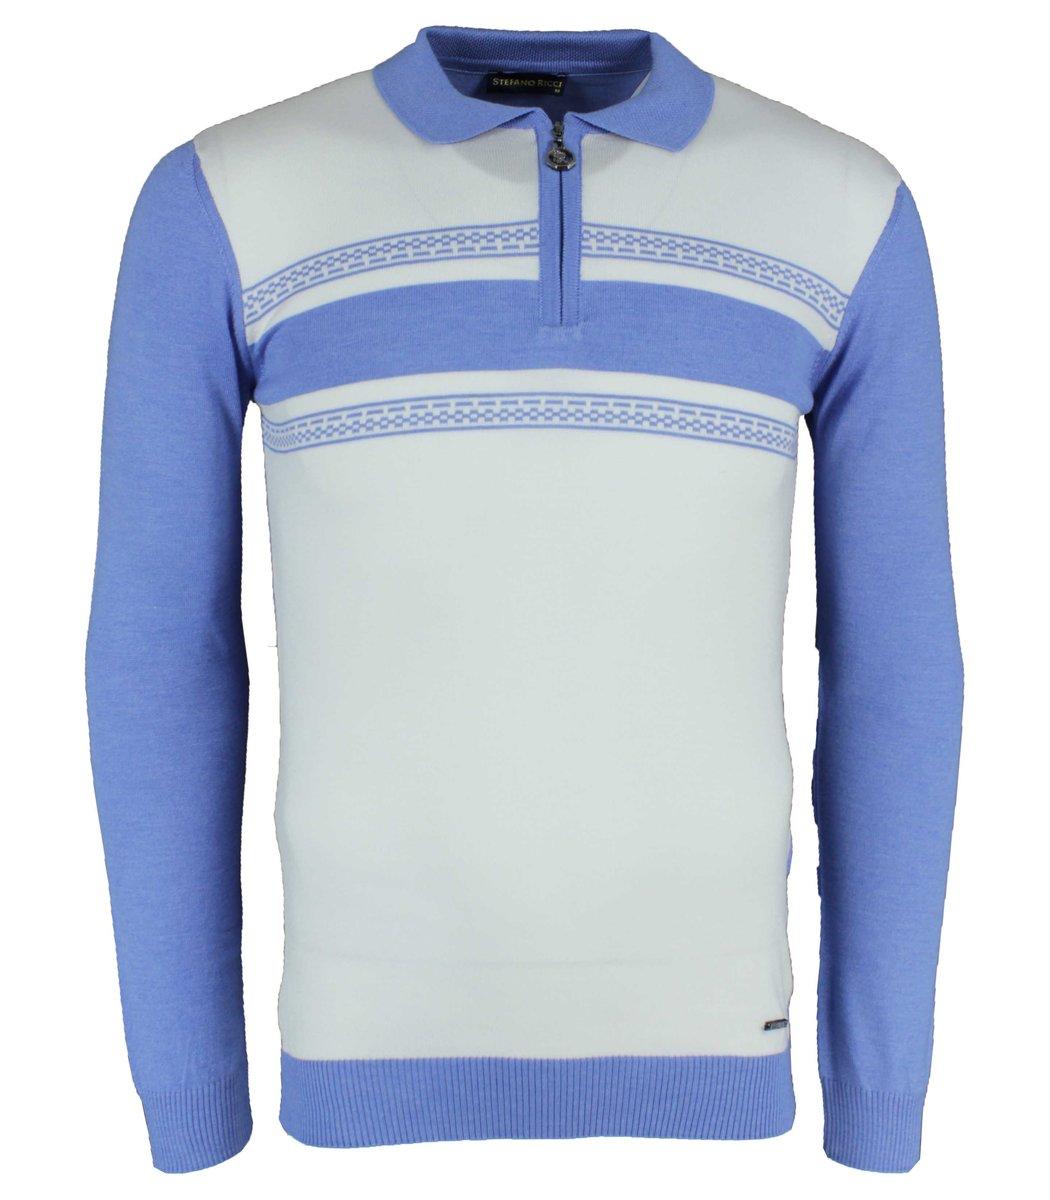 Голубое поло с длинным рукавом Stefano Ricci 7180